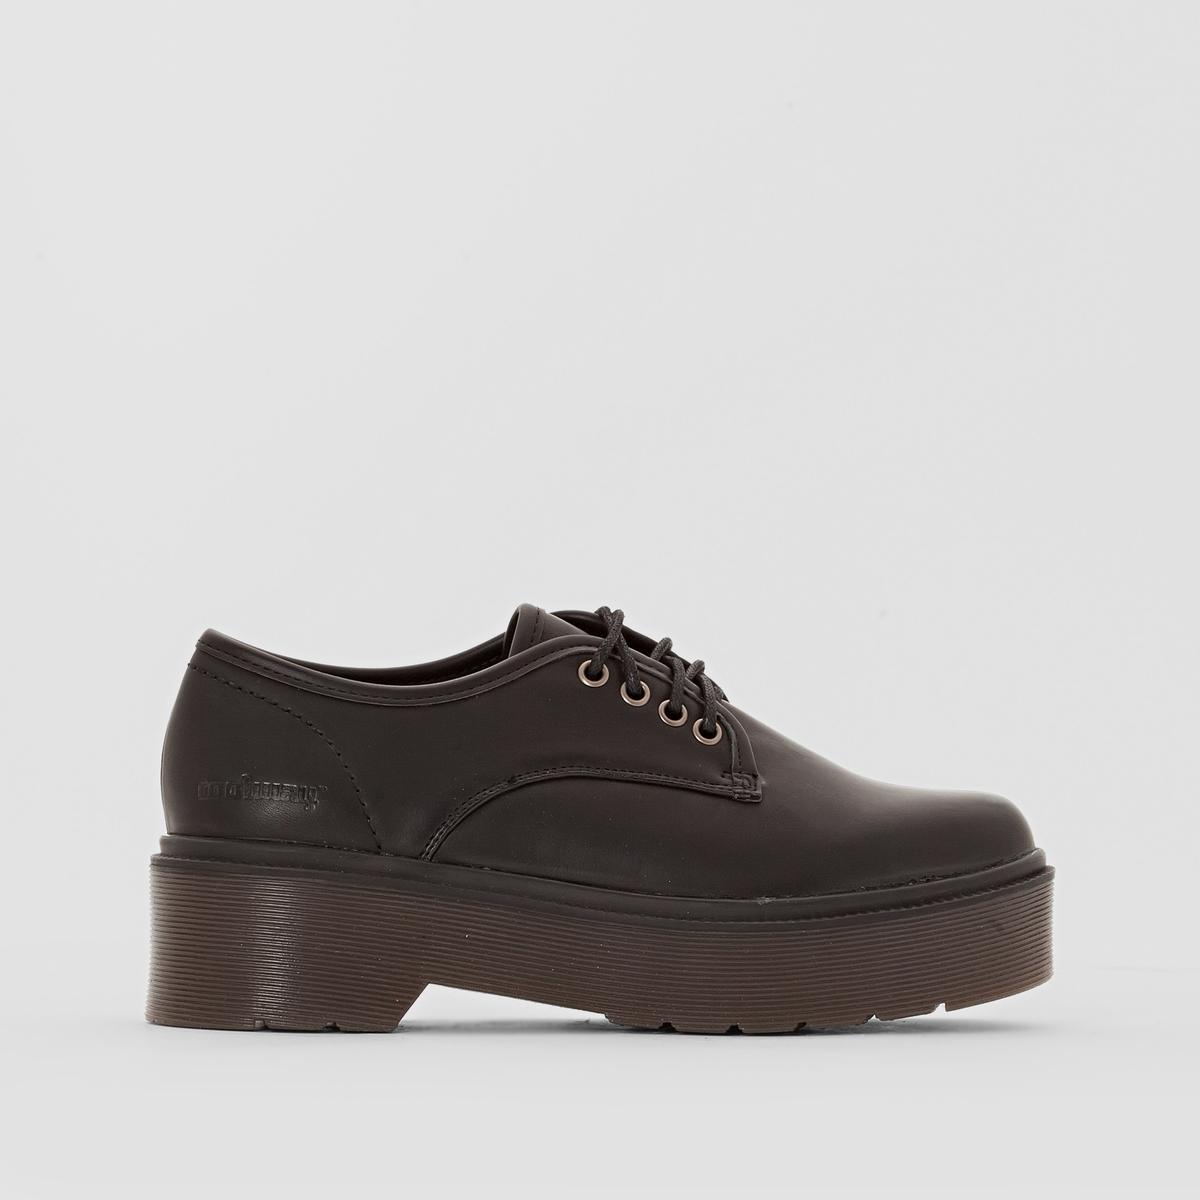 Ботинки-дерби на толстой подошве BONETПодкладка : Микрофибра   Стелька : Микрофибра   Подошва : каучук.   Высота каблука : 5 смФорма каблука : Широкий    Носок : Закругленный.   Застежка : шнуровка.<br><br>Цвет: черный<br>Размер: 37